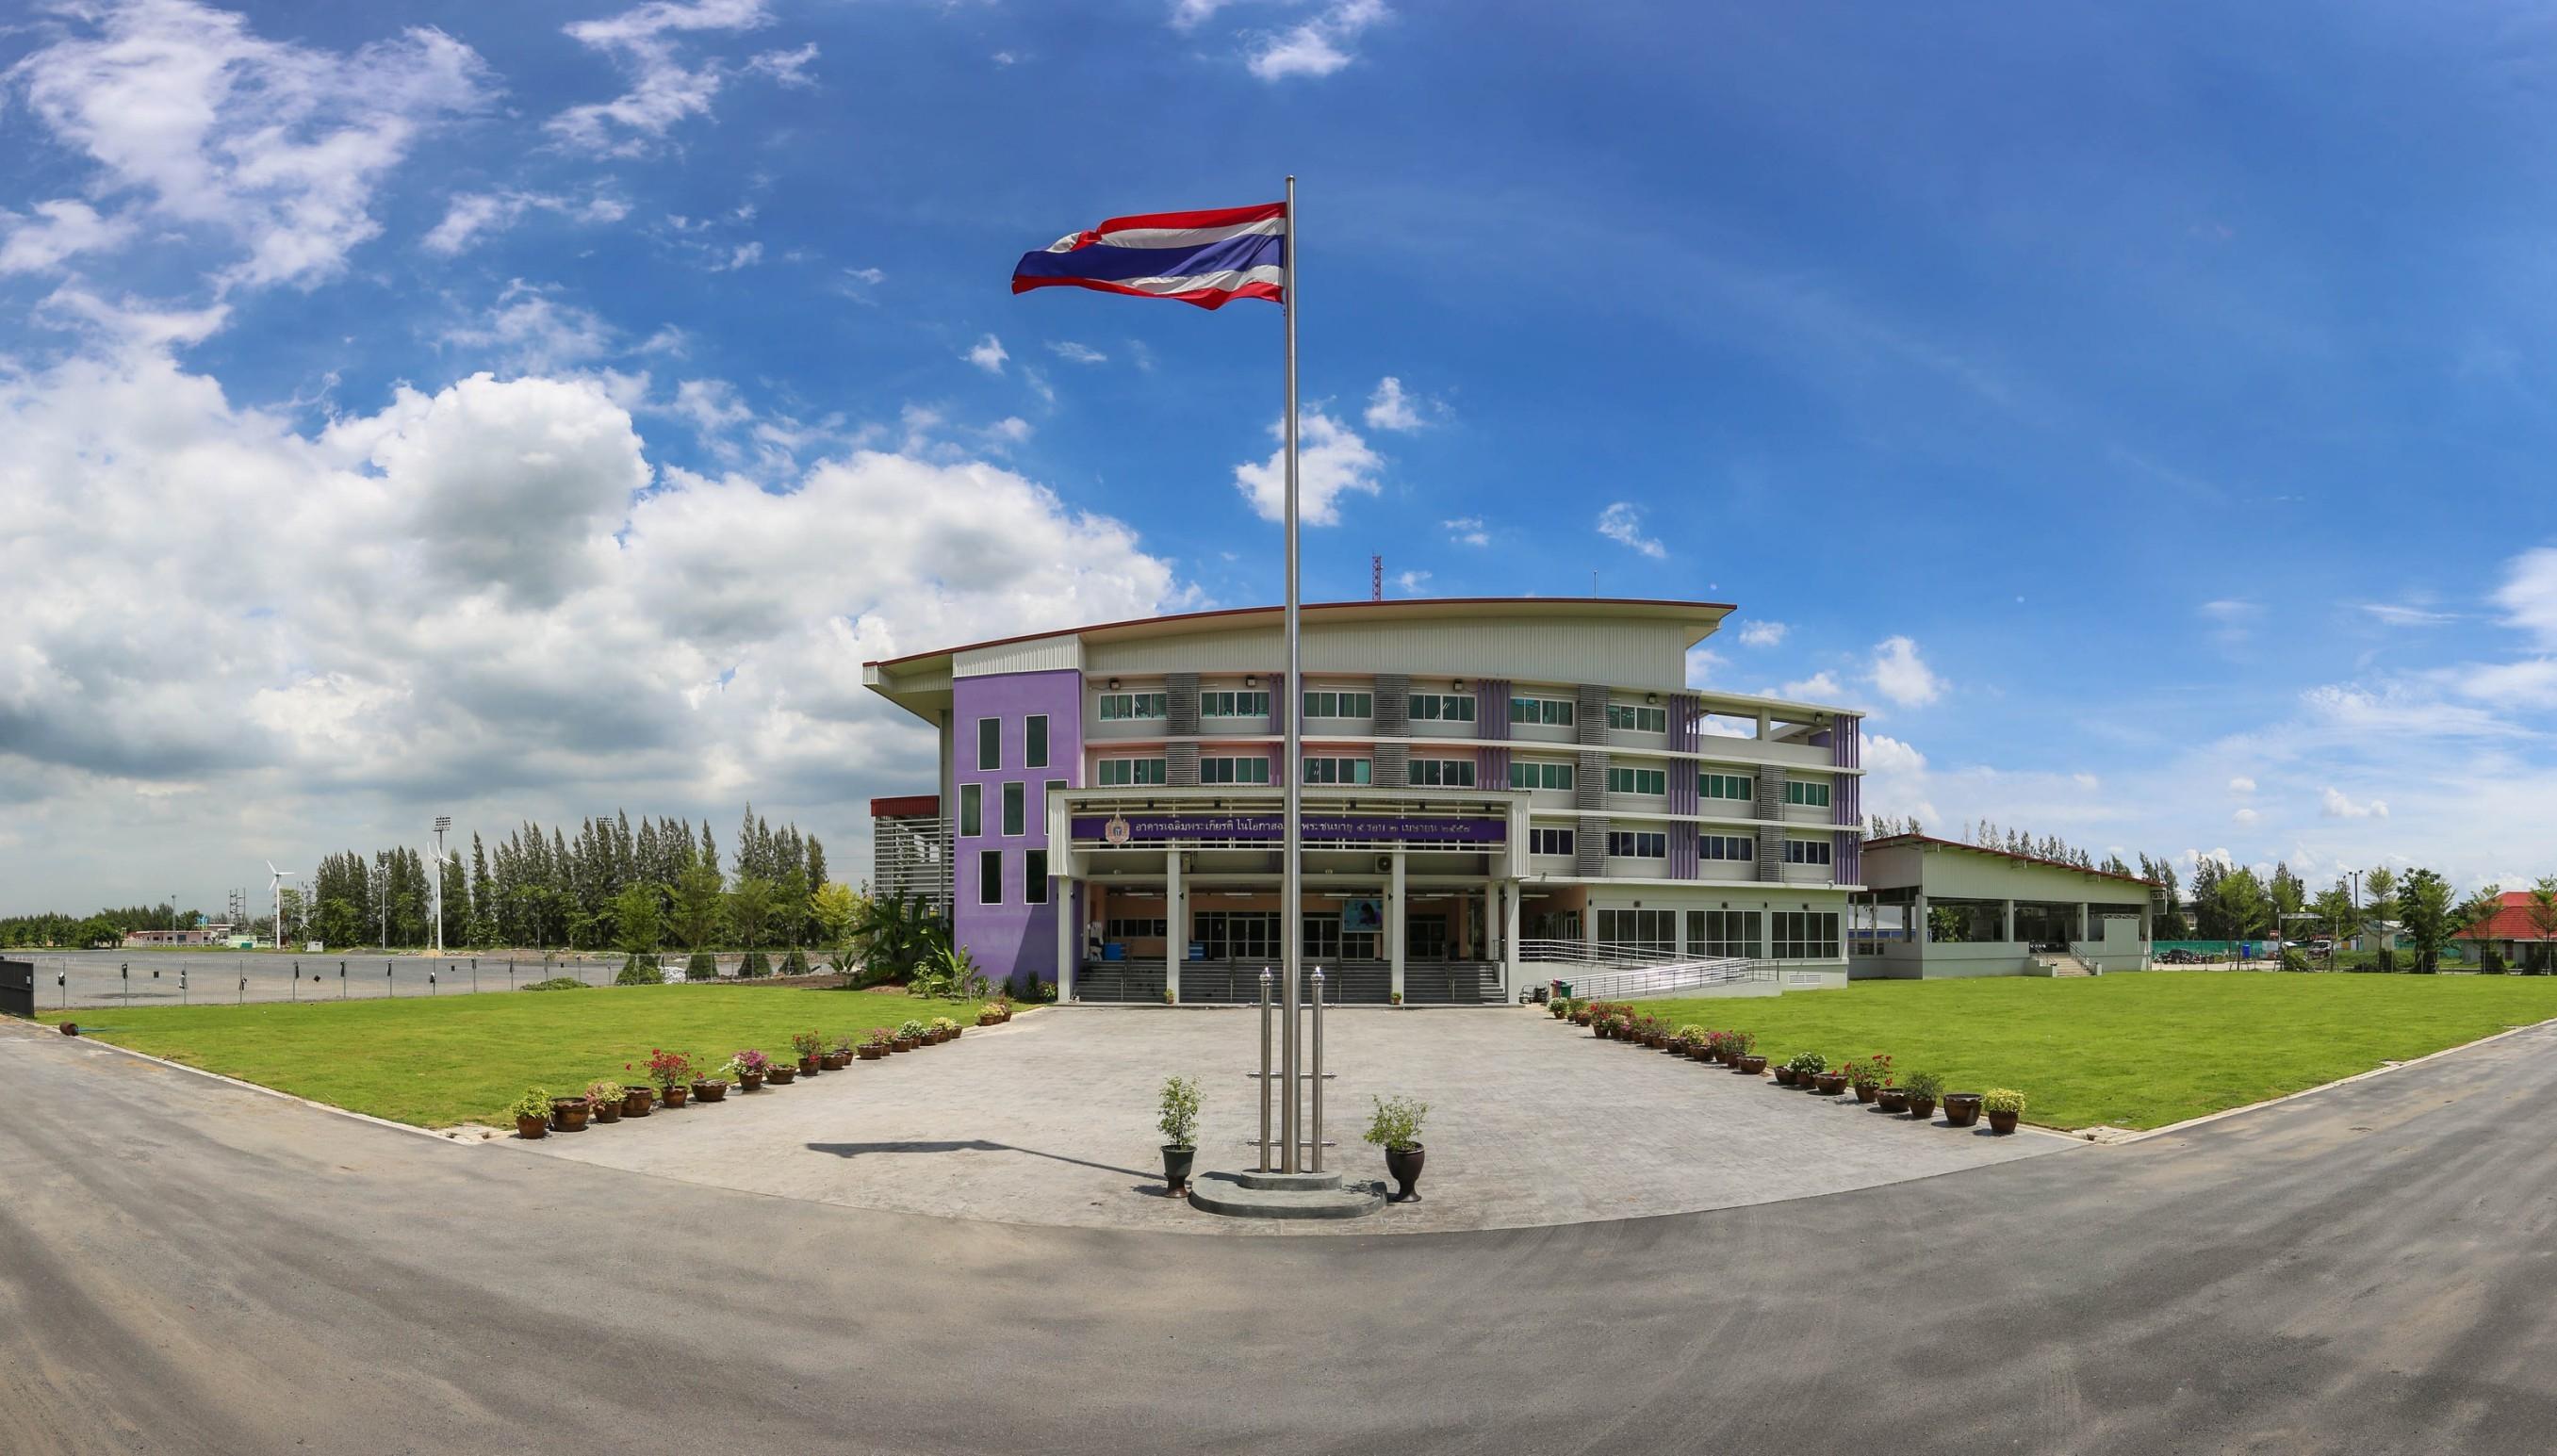 Panoramaโรงเรียนสาธิต